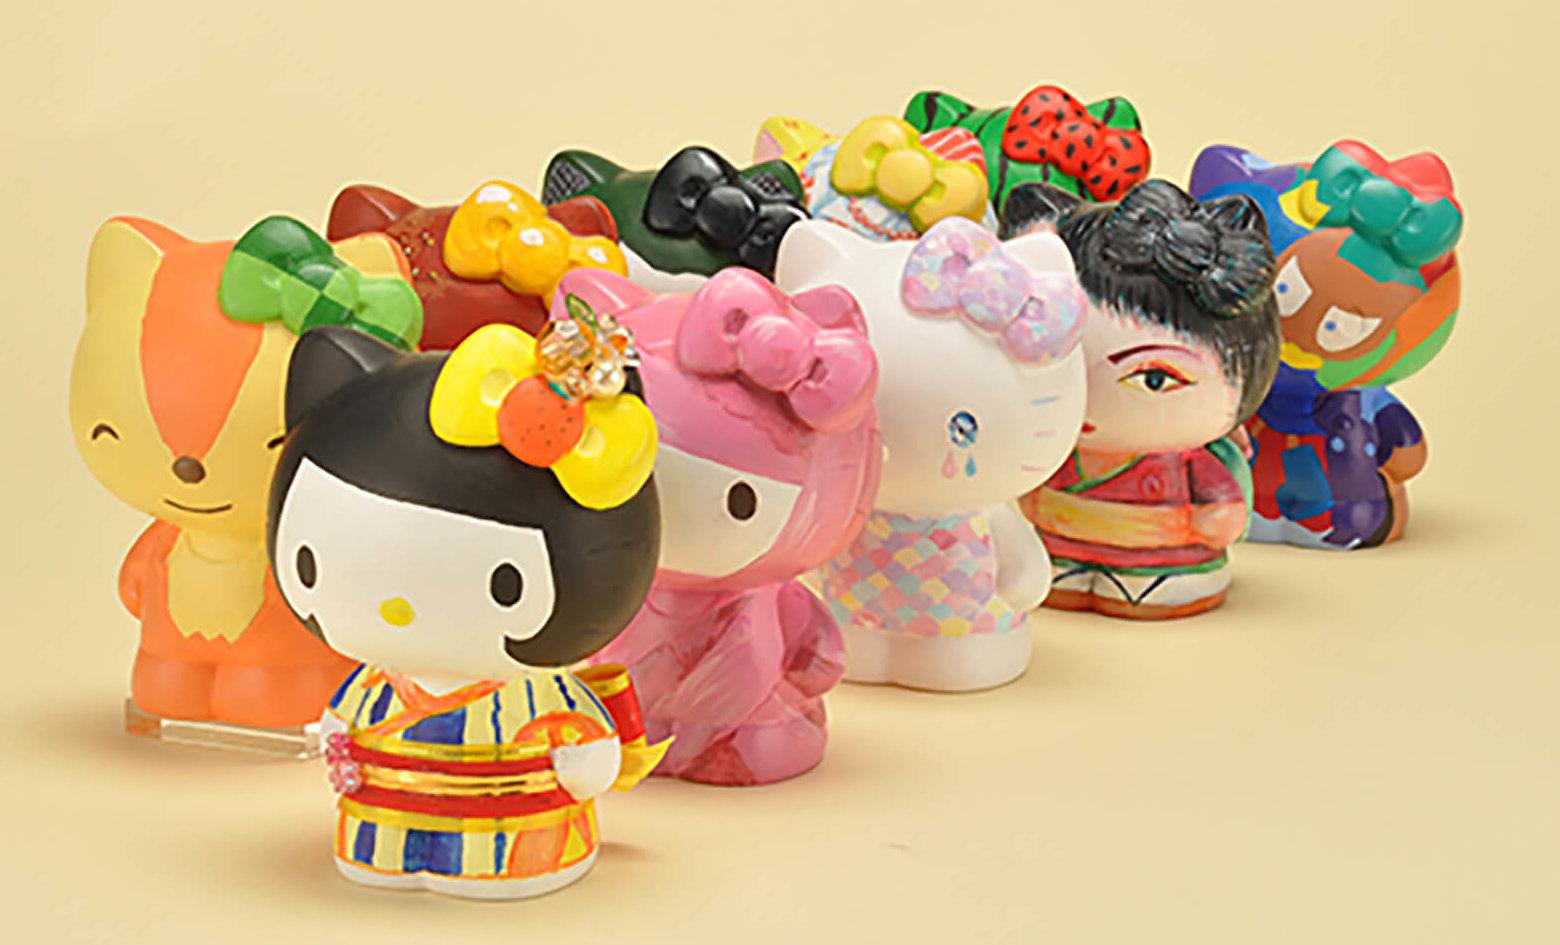 この写真はかわいいのヒミツ展のプレイスクール、素焼き。絵の具で着色した人形たち